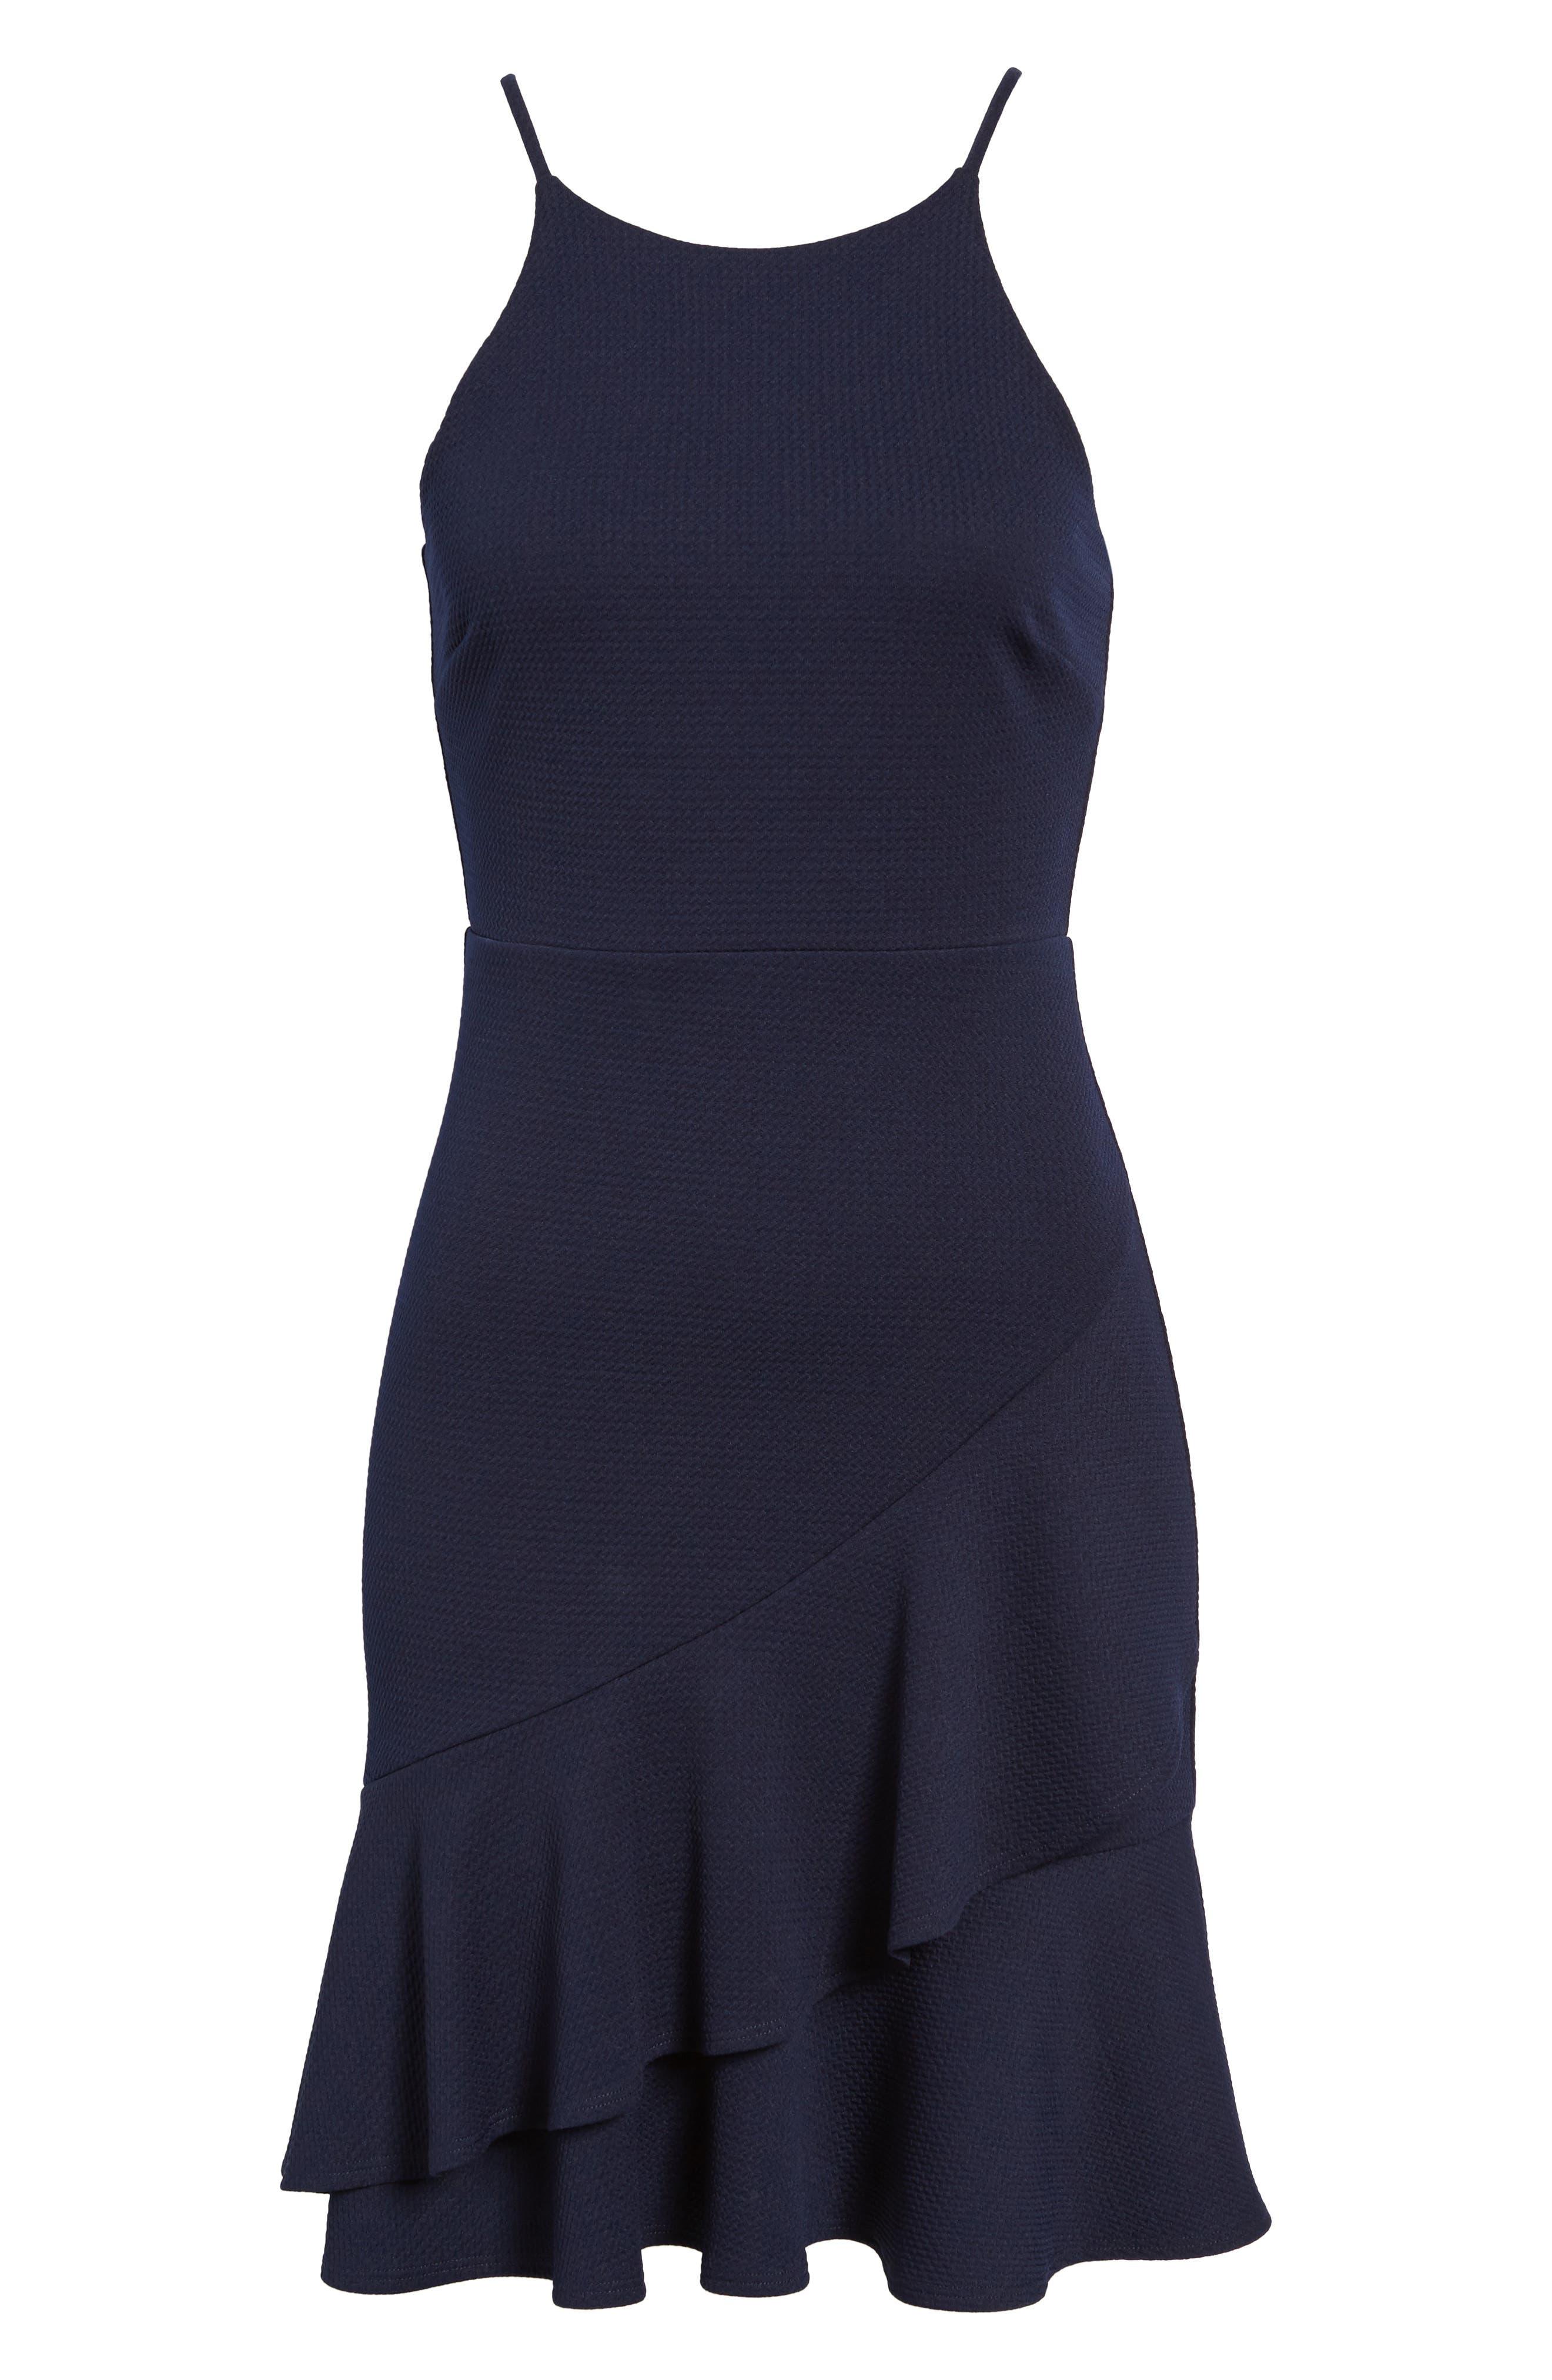 Ruffle Hem Knit Dress,                             Alternate thumbnail 6, color,                             415